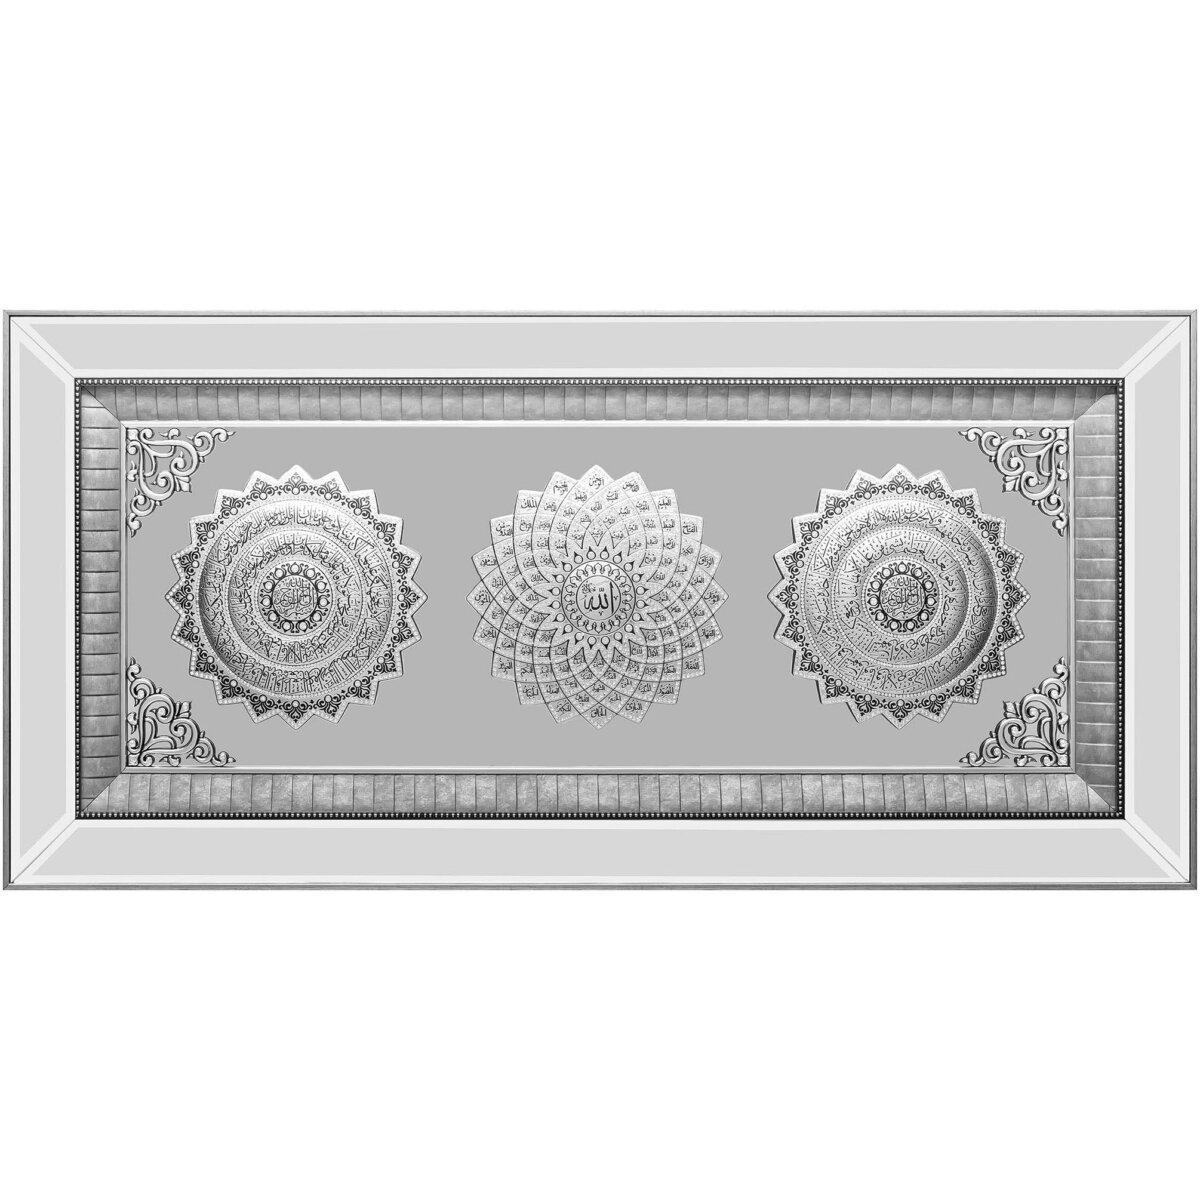 72x148CM Ayetel Kursi- Esmaül Hüsna -Amenerrasulu Tam Aynalı Tablo Ayetli Ürünler